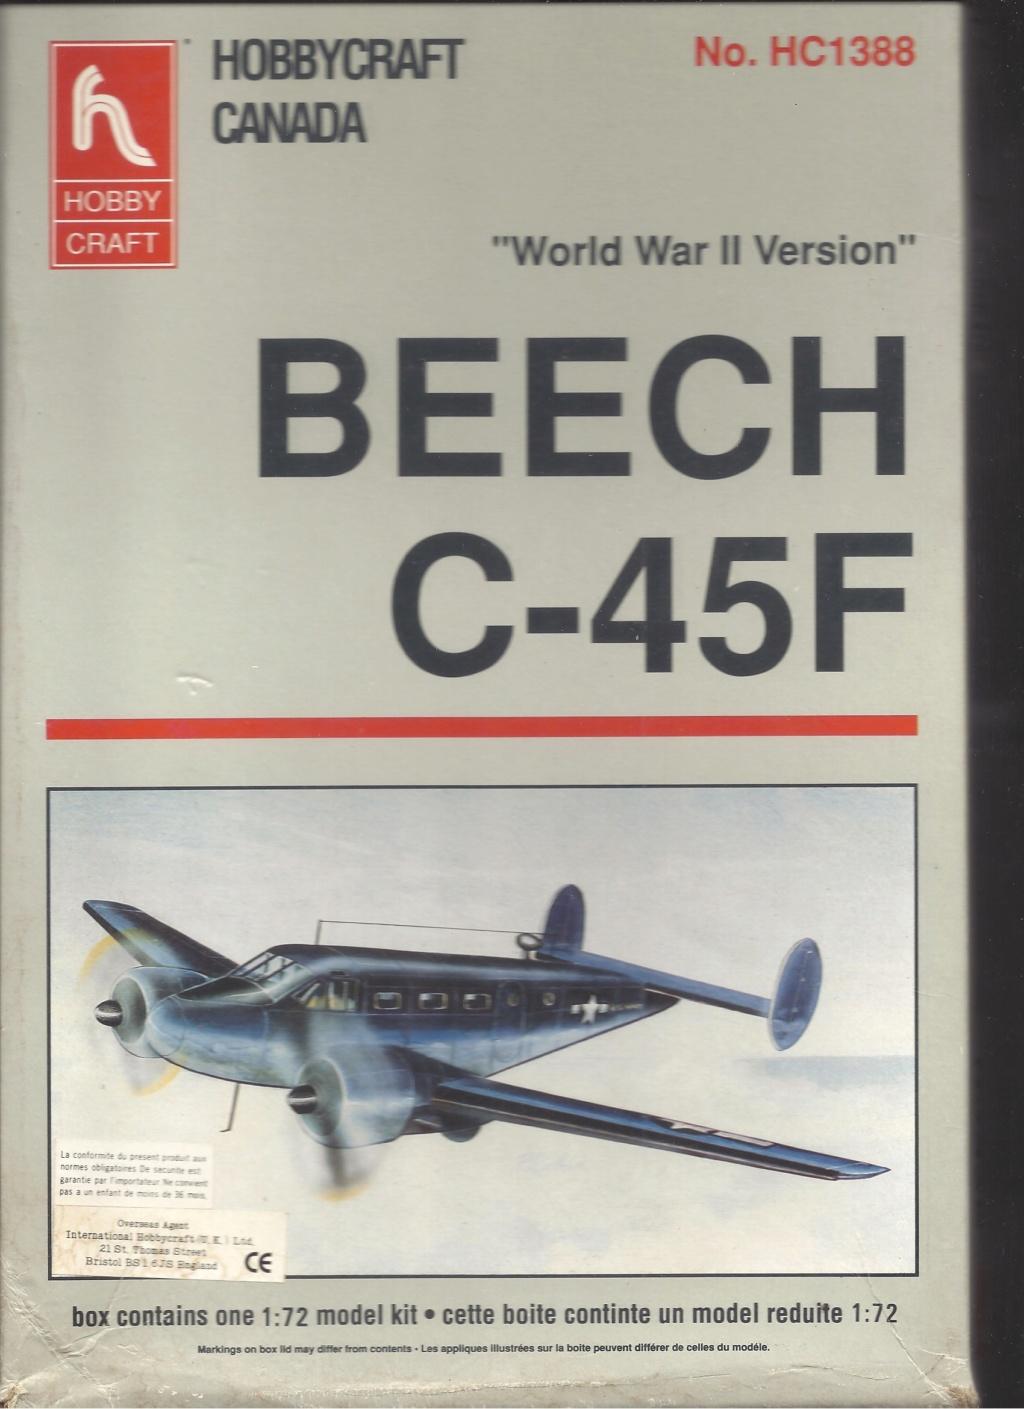 [HOBBYCRAFT] BEECH C 45 F 1/72ème Réf HC 1388 Hobbyc10